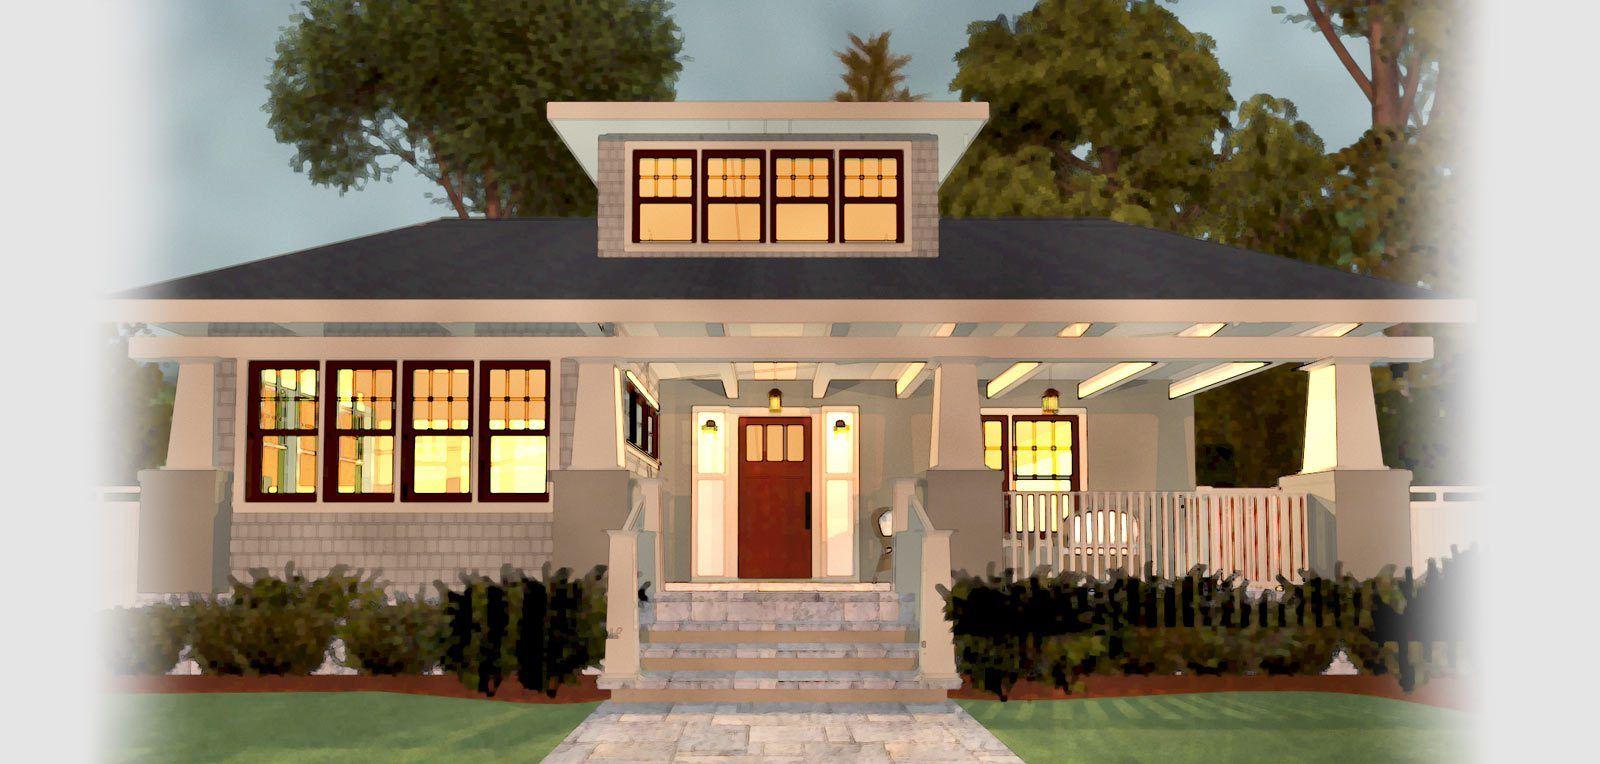 Home Designer Software Home Design Remodeling Projects Design Ideas Interior Design Software Home Design Software Logo